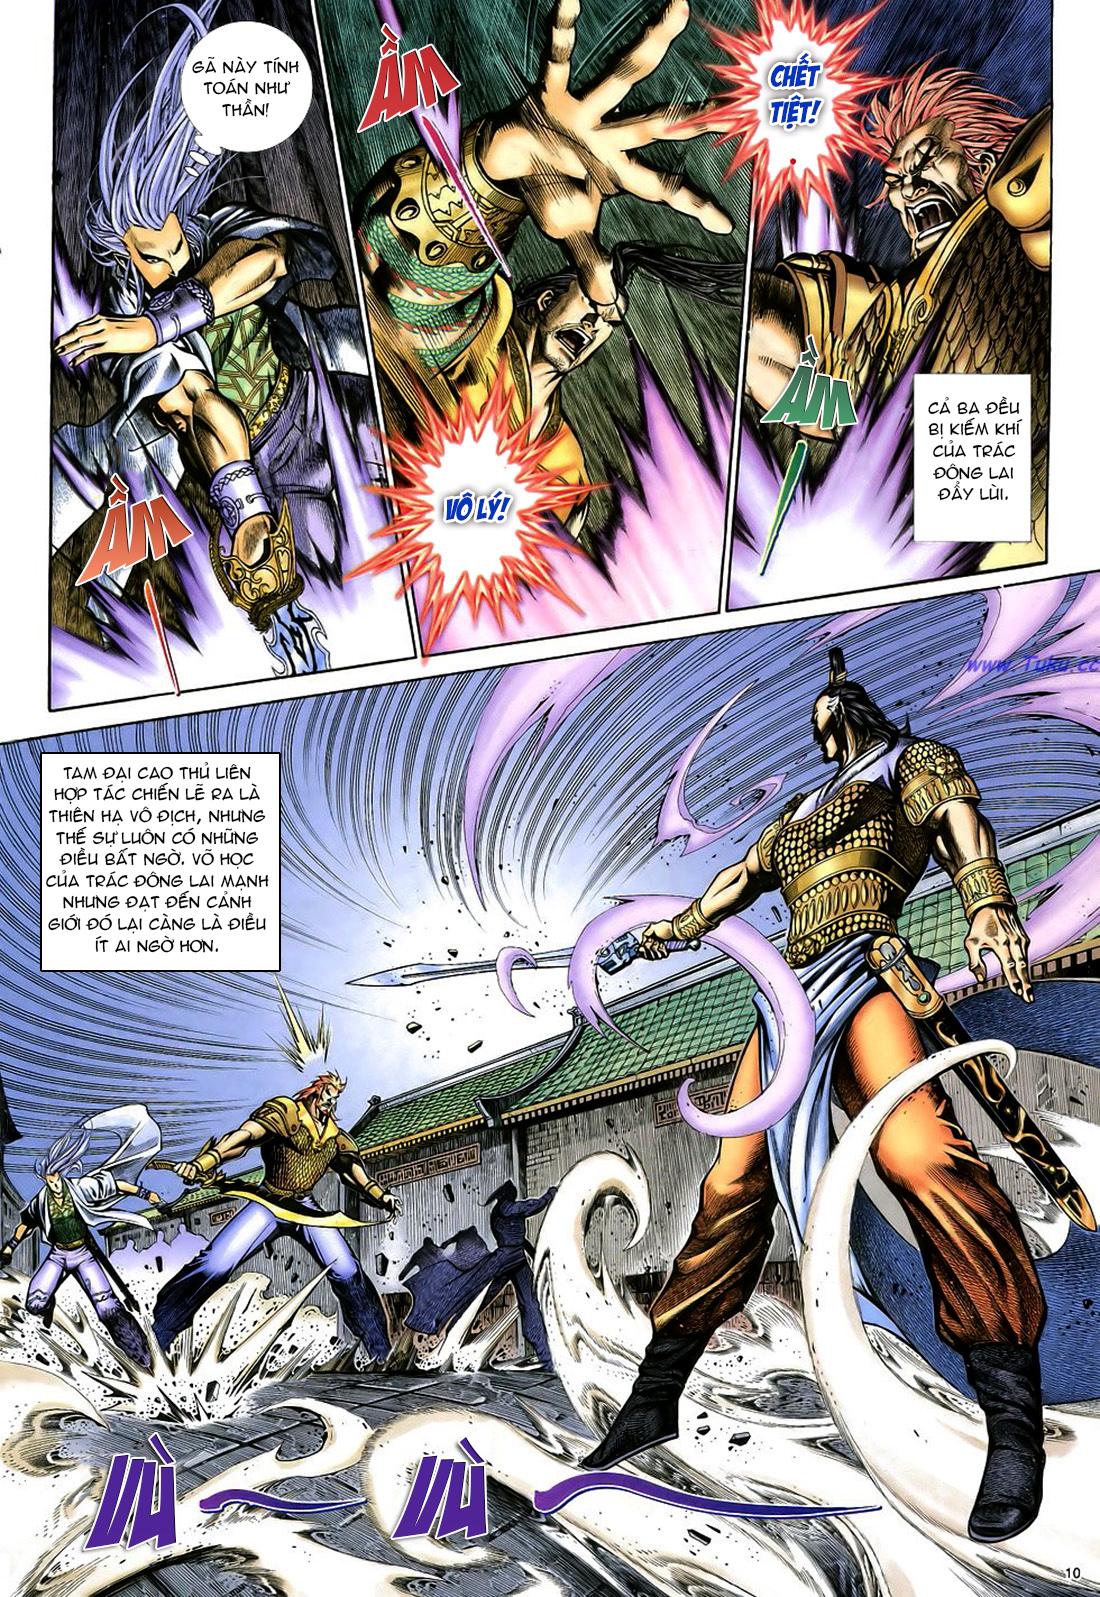 Anh hùng vô lệ Chap 22 trang 11